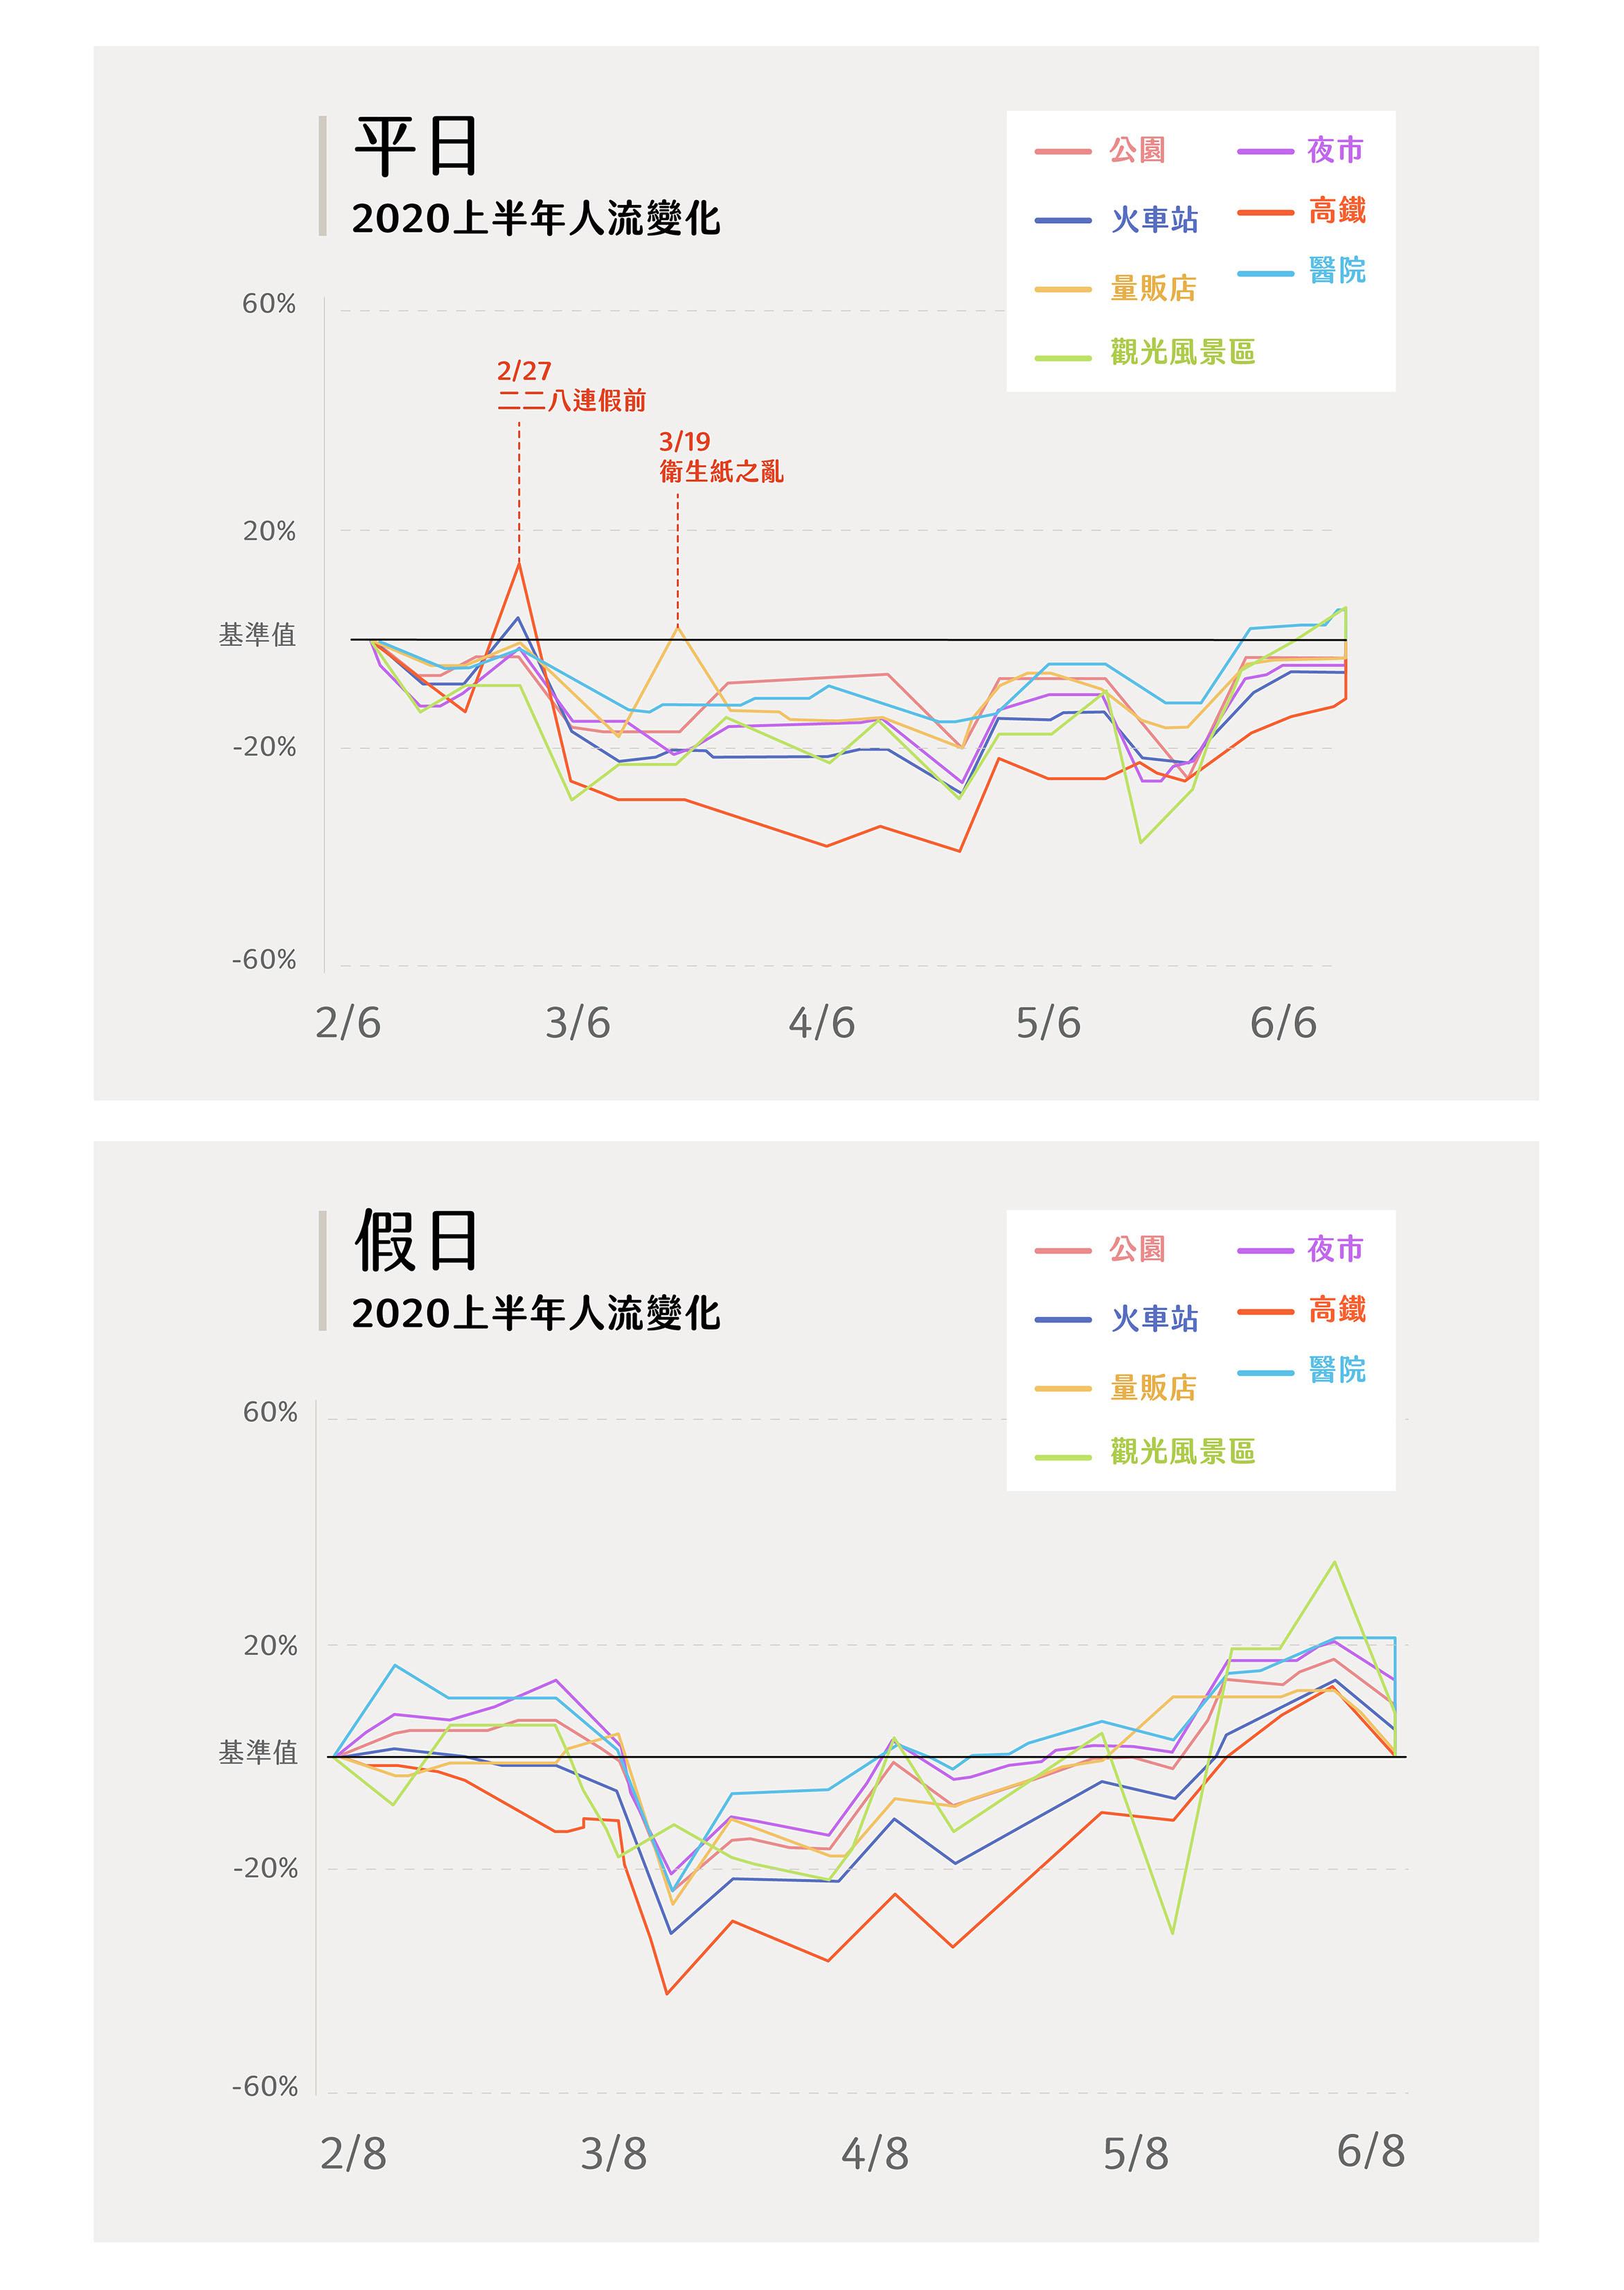 觀察去年防疫期間,火車站、高鐵人流下滑明顯;醫院、量販店則較早開始回流。但觀光風景區起伏始終明顯,每逢連假就出現人流高峰,6 月進入防疫新生活後,快速拉高至 35%,顯見去年疫情期間臺灣人最喜歡到風景區放風。圖│研之有物資料來源│詹大千)